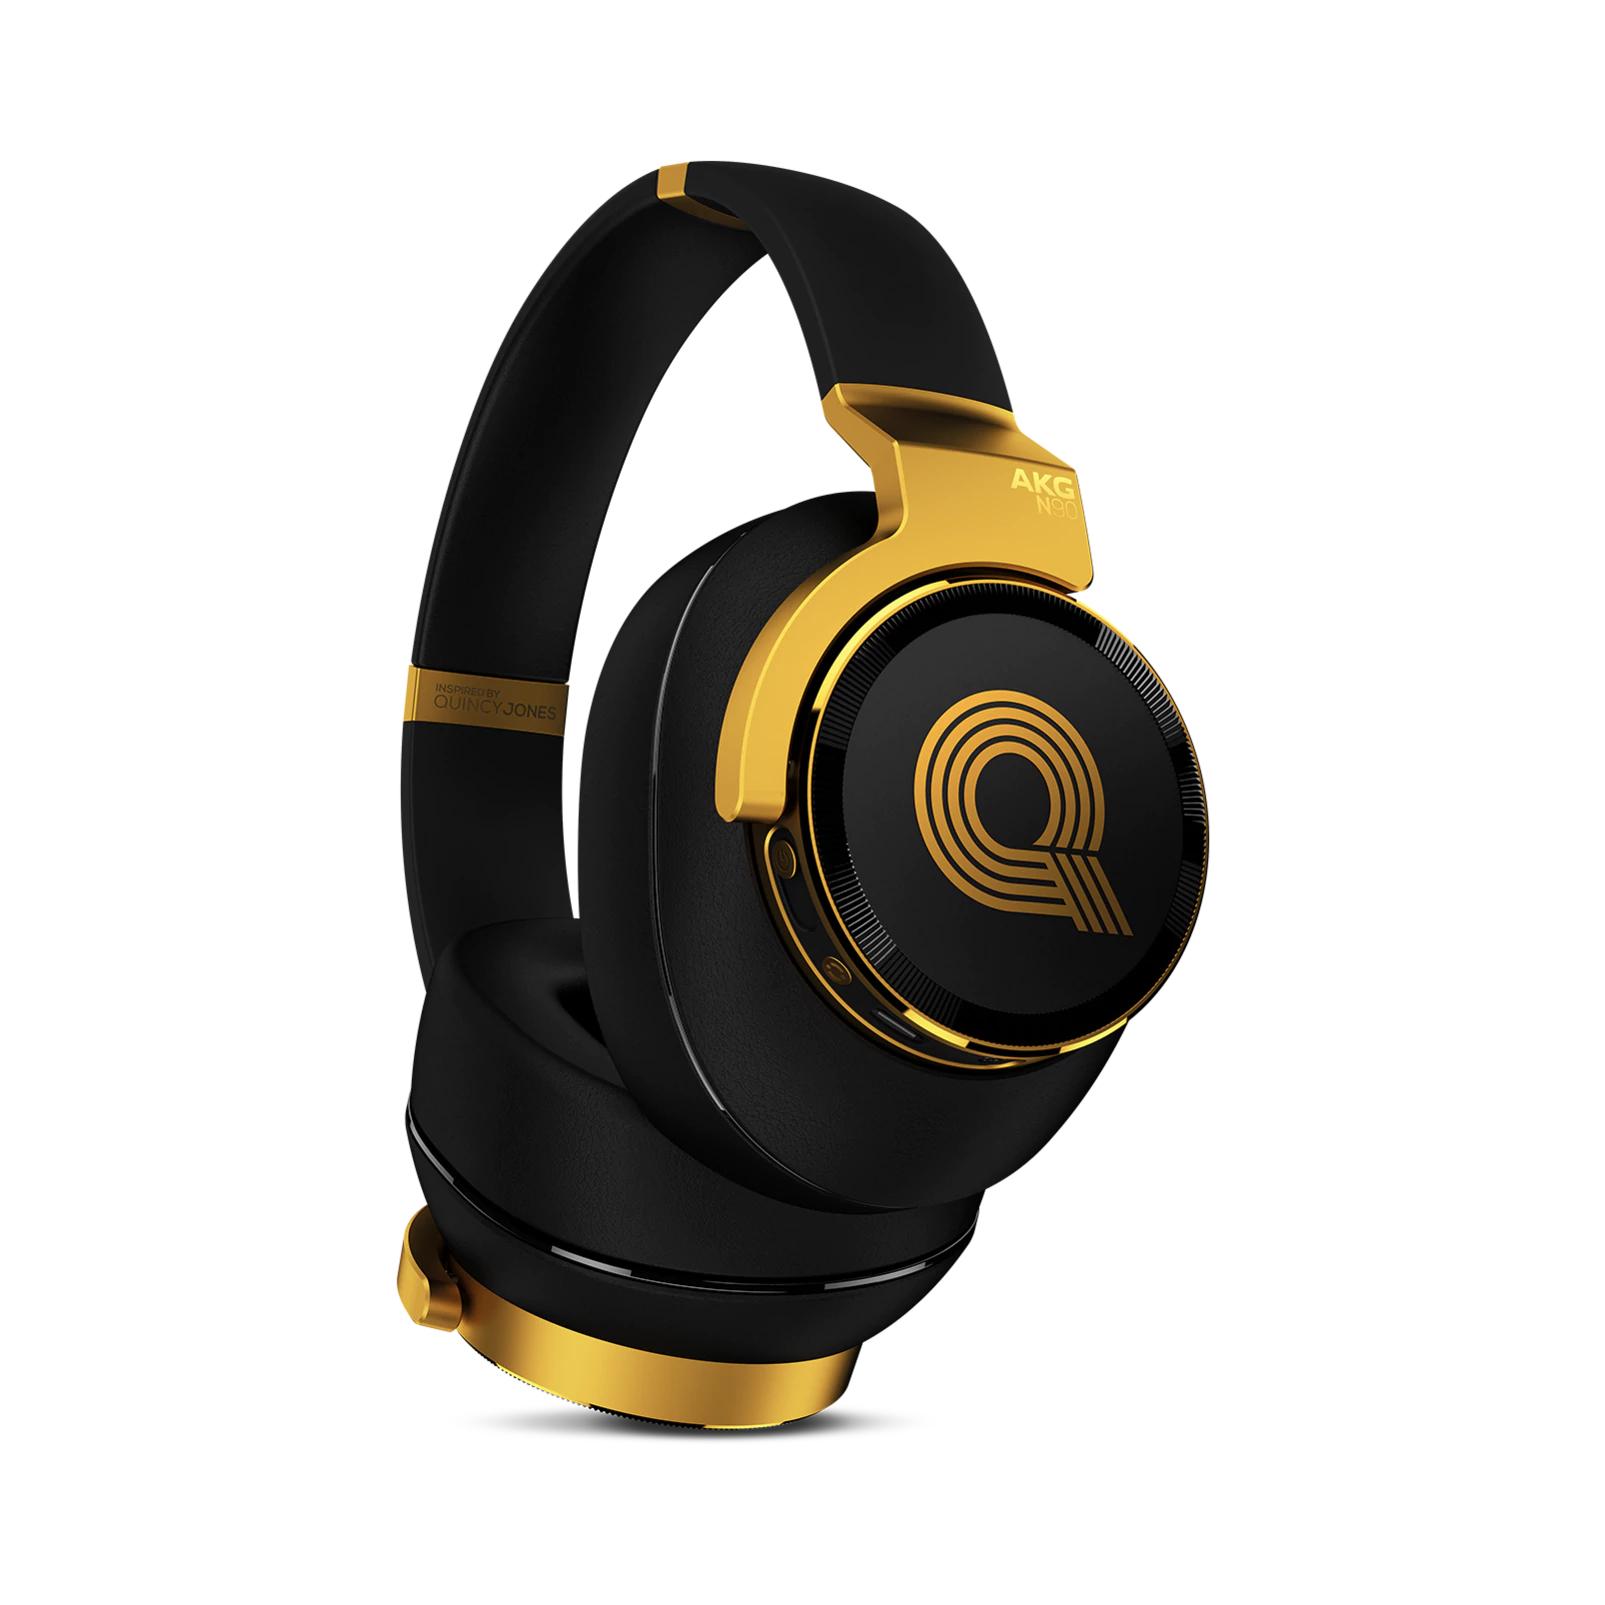 AKG N90Q headphones - £974.99 - Recertified - Harman Shop